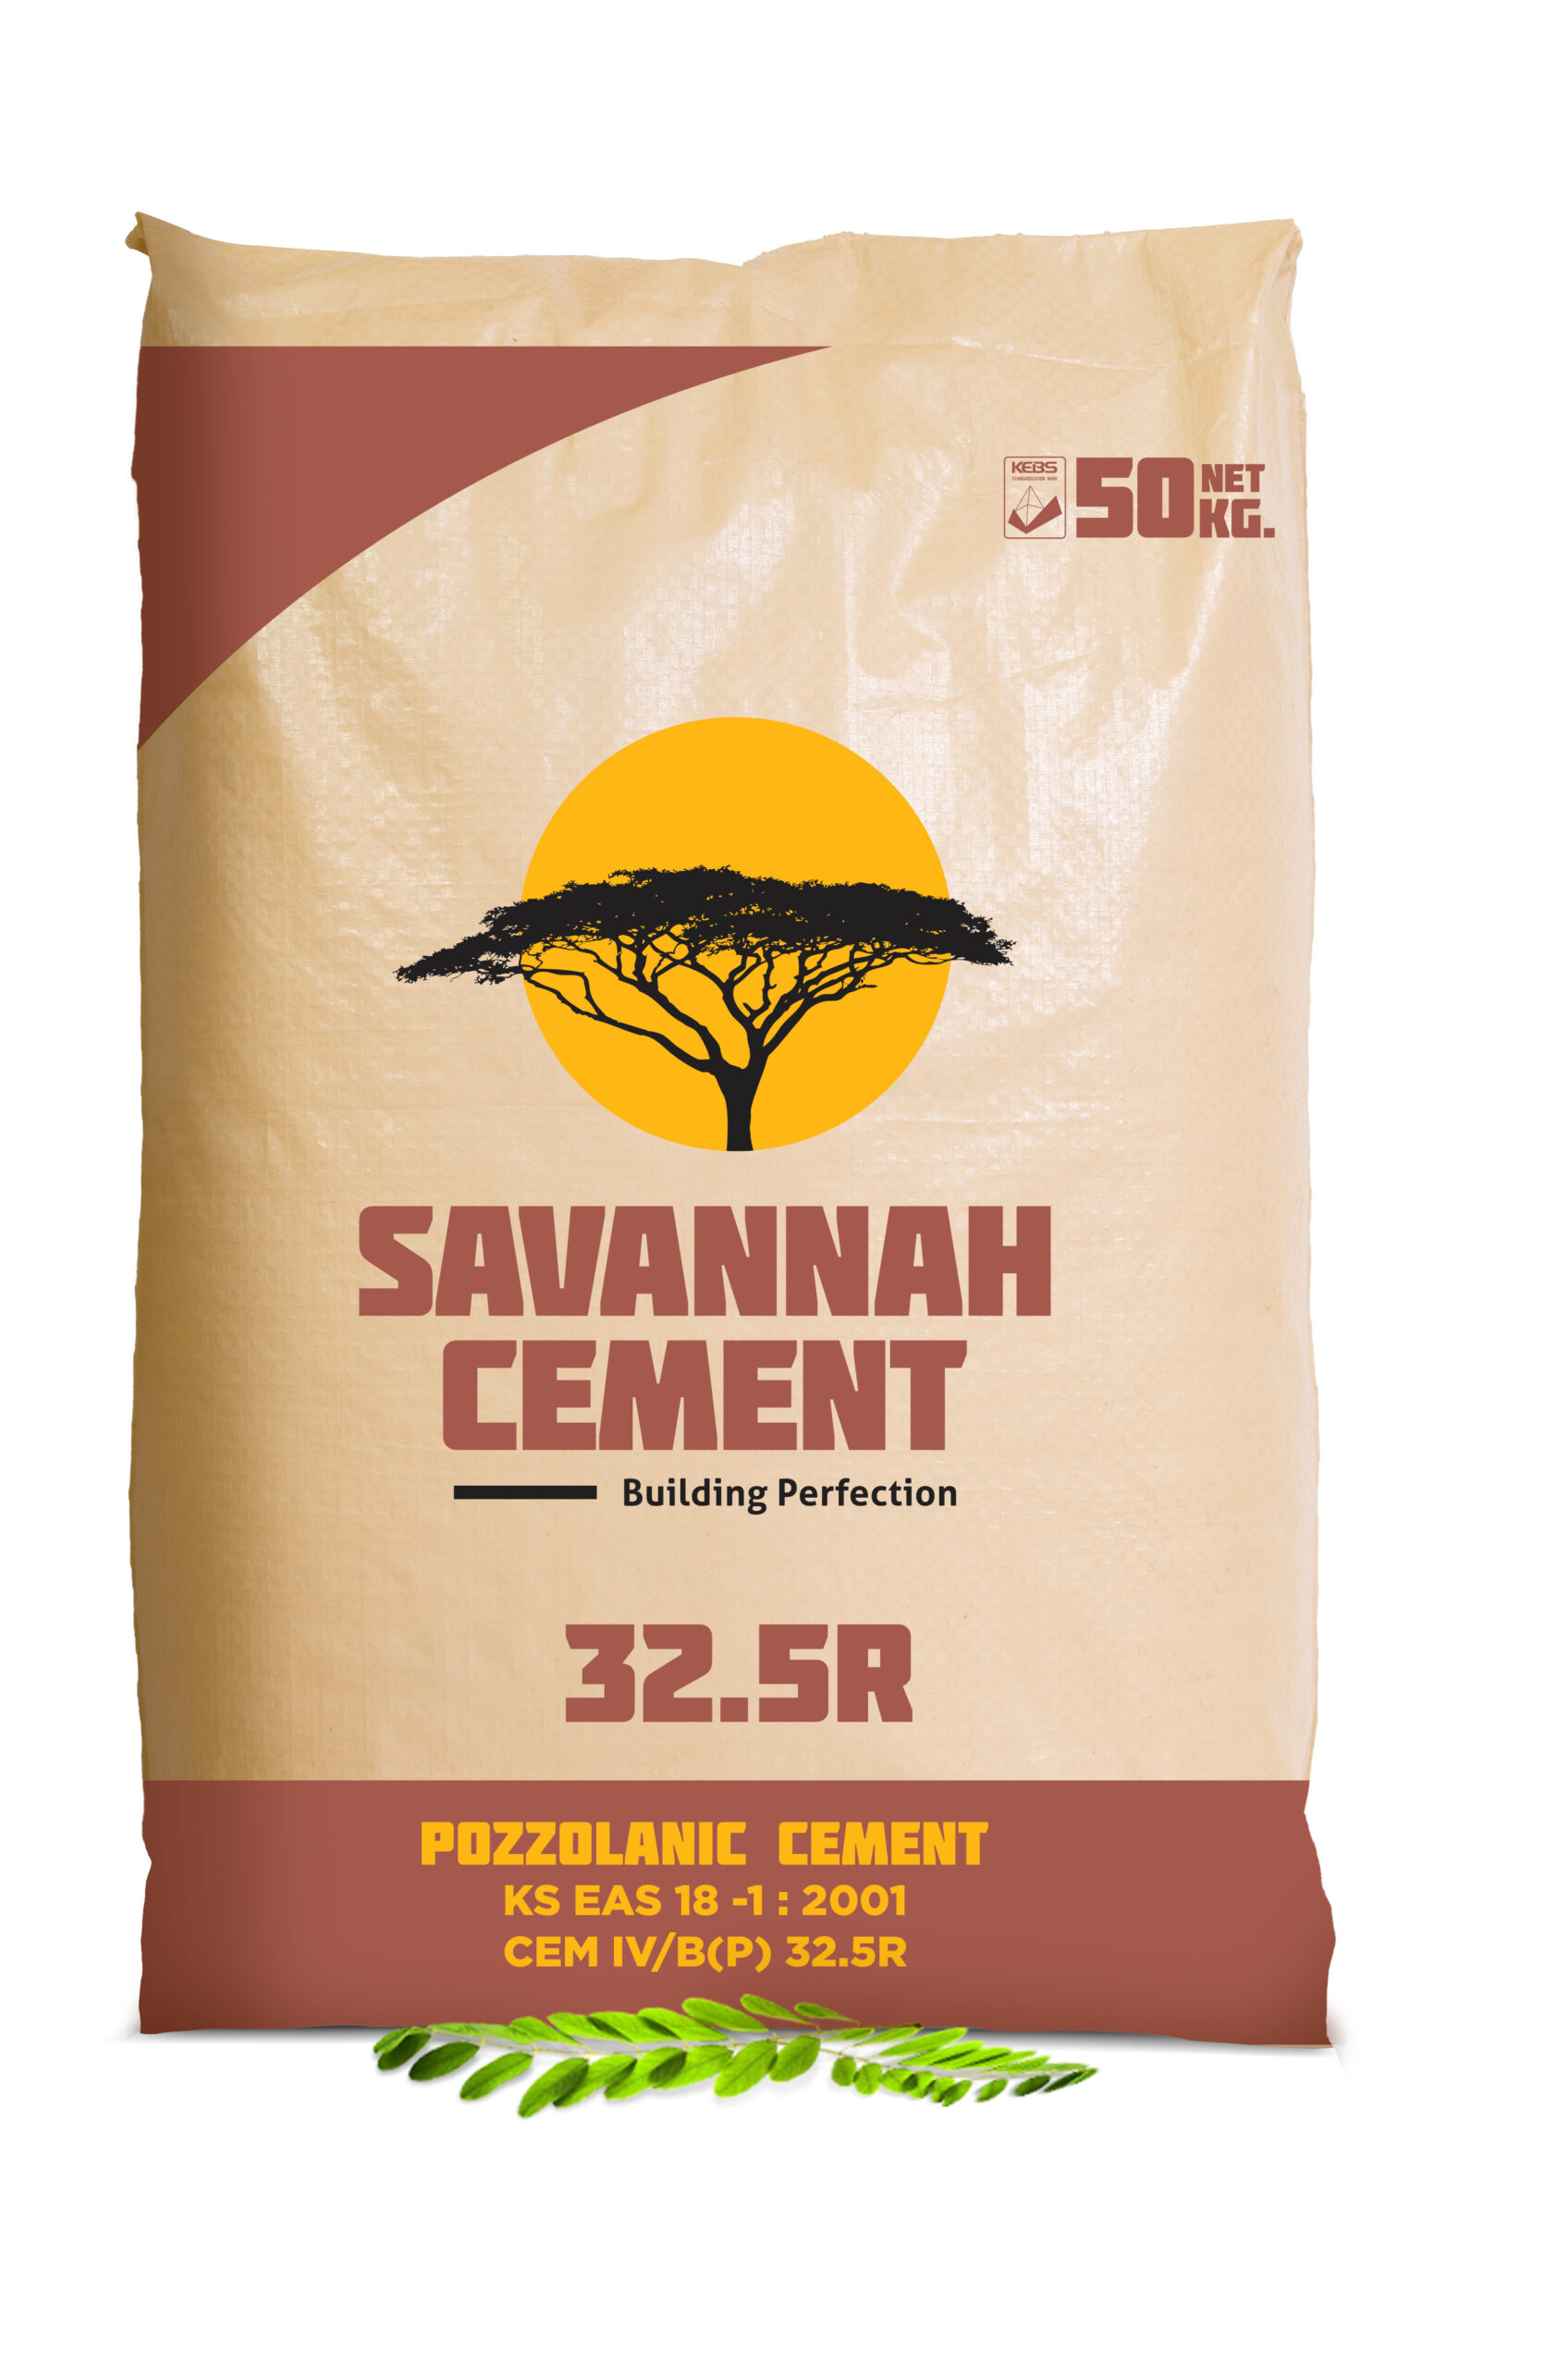 SAVANNAH CEMENT PPC 32.5R